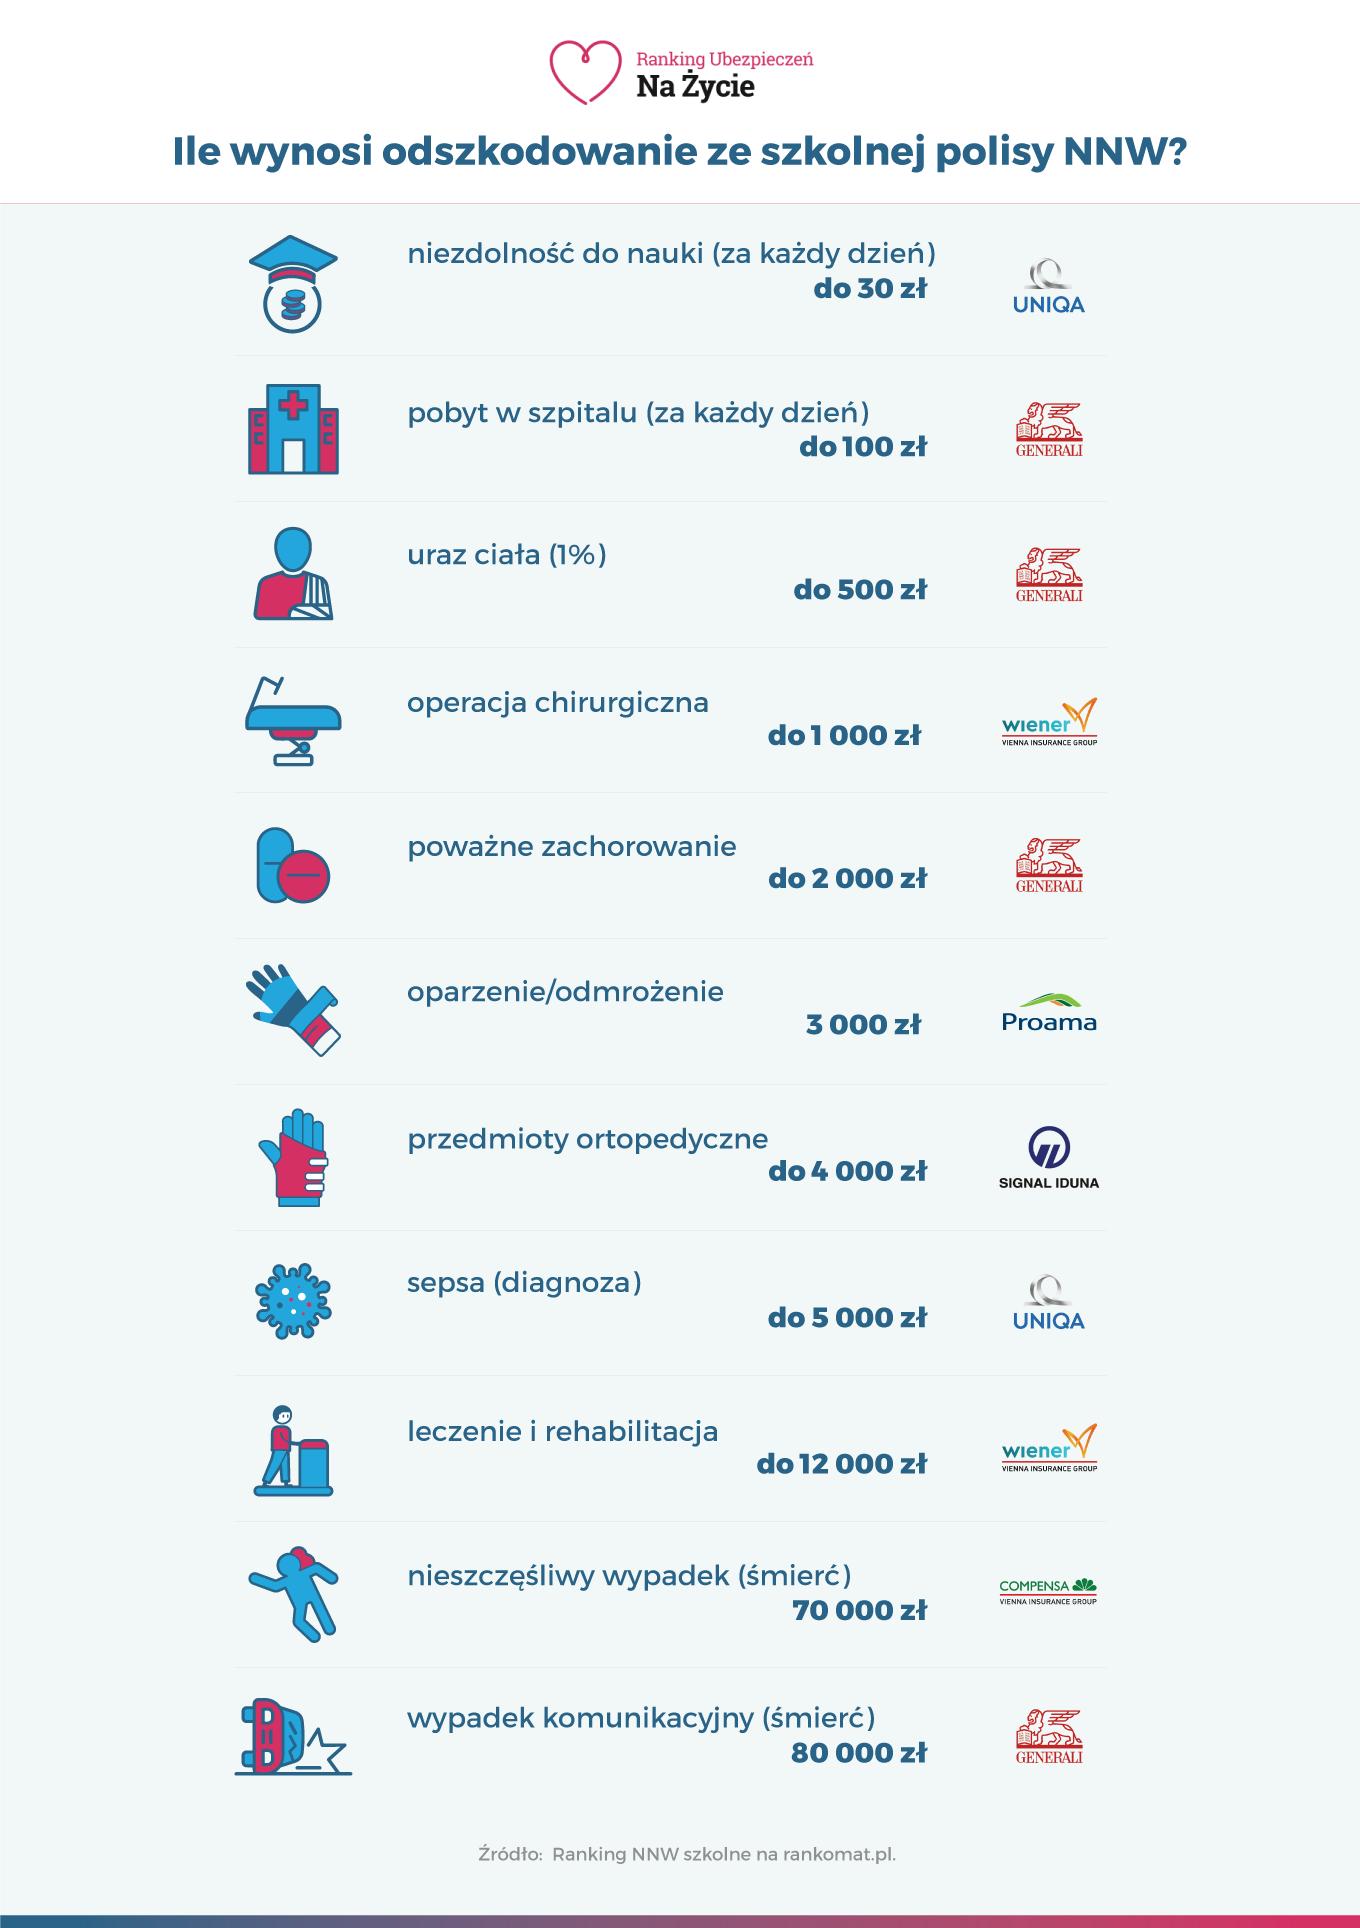 Infografika - Ile wynosi odszkodowanie ze szkolnej polisy NNW